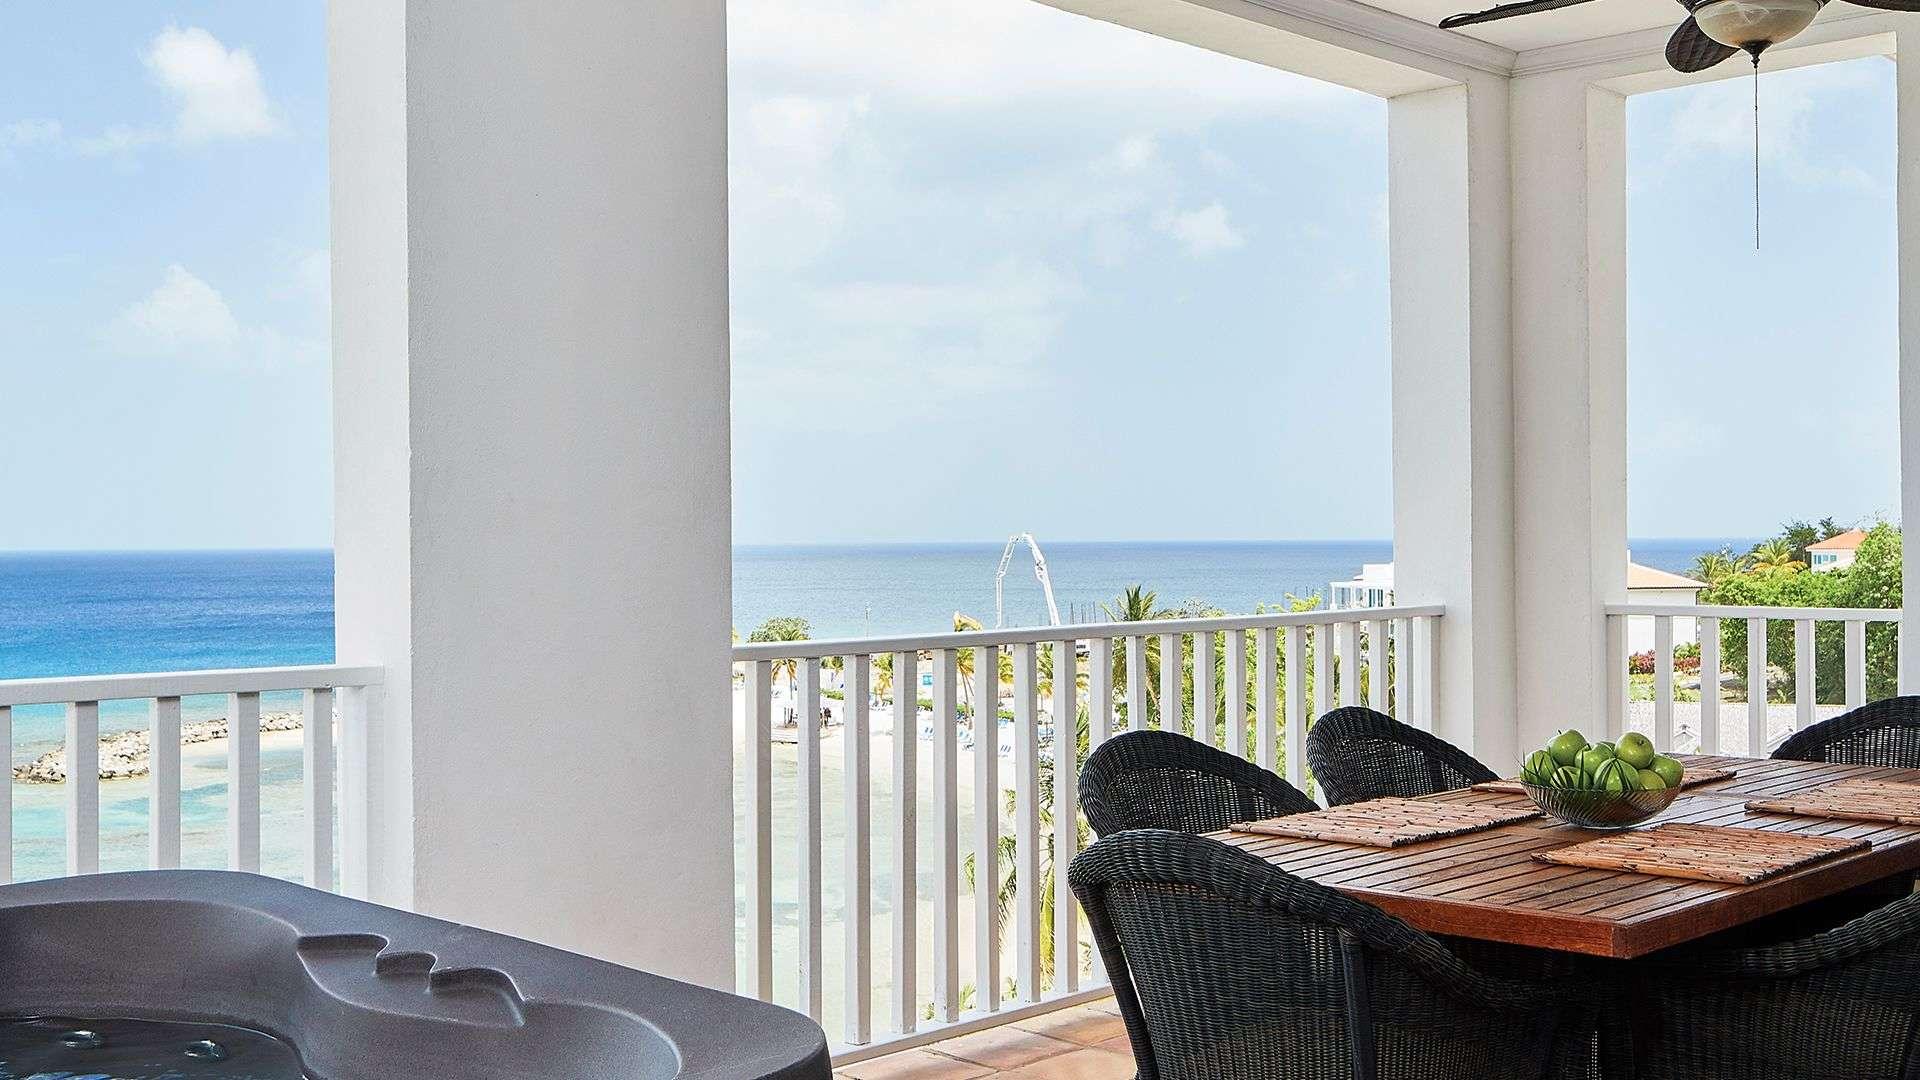 Luxury villa rentals caribbean - St lucia - Labrelotte bay - 1 Bedroom Oceanfront Suite | Windjammer Landing - Image 1/7